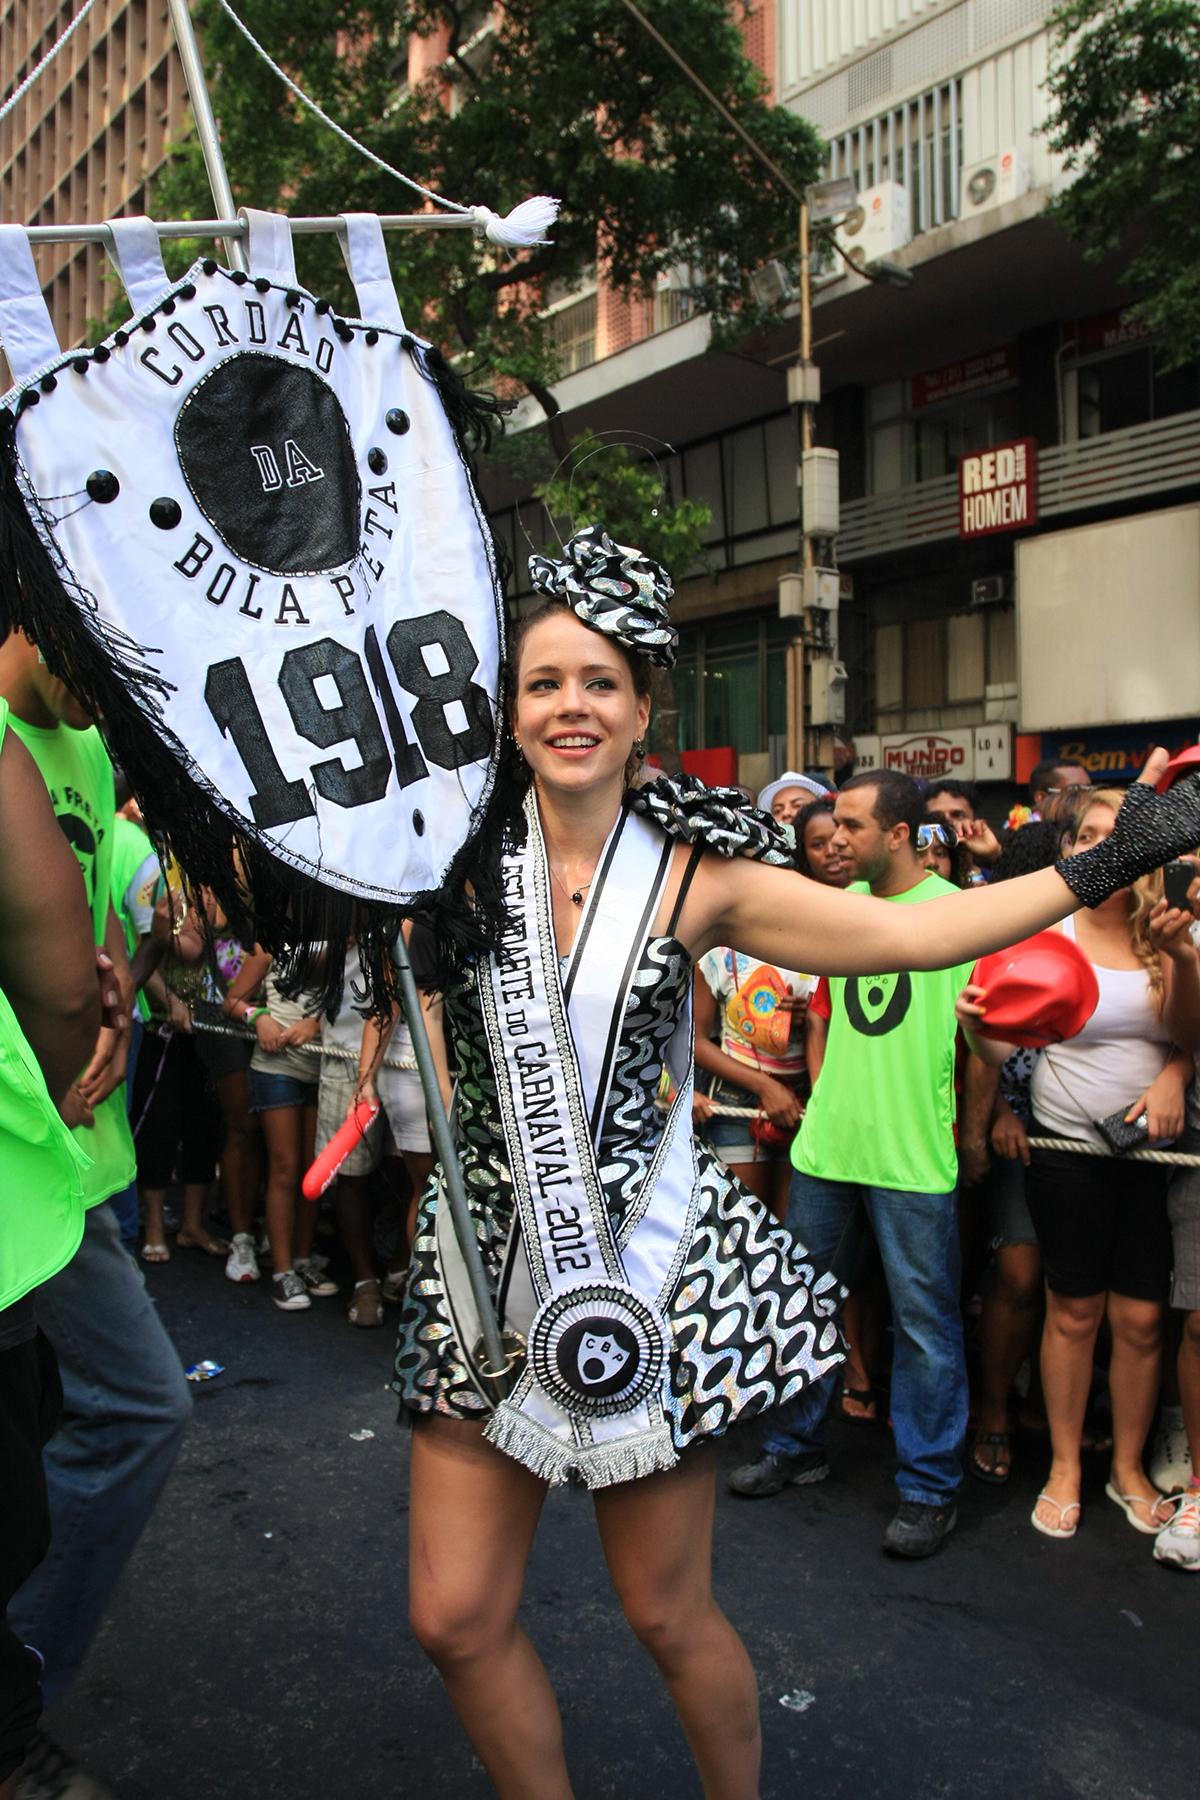 No Cordão do Bola Preta, no Rio, do qual é porta-estandarte